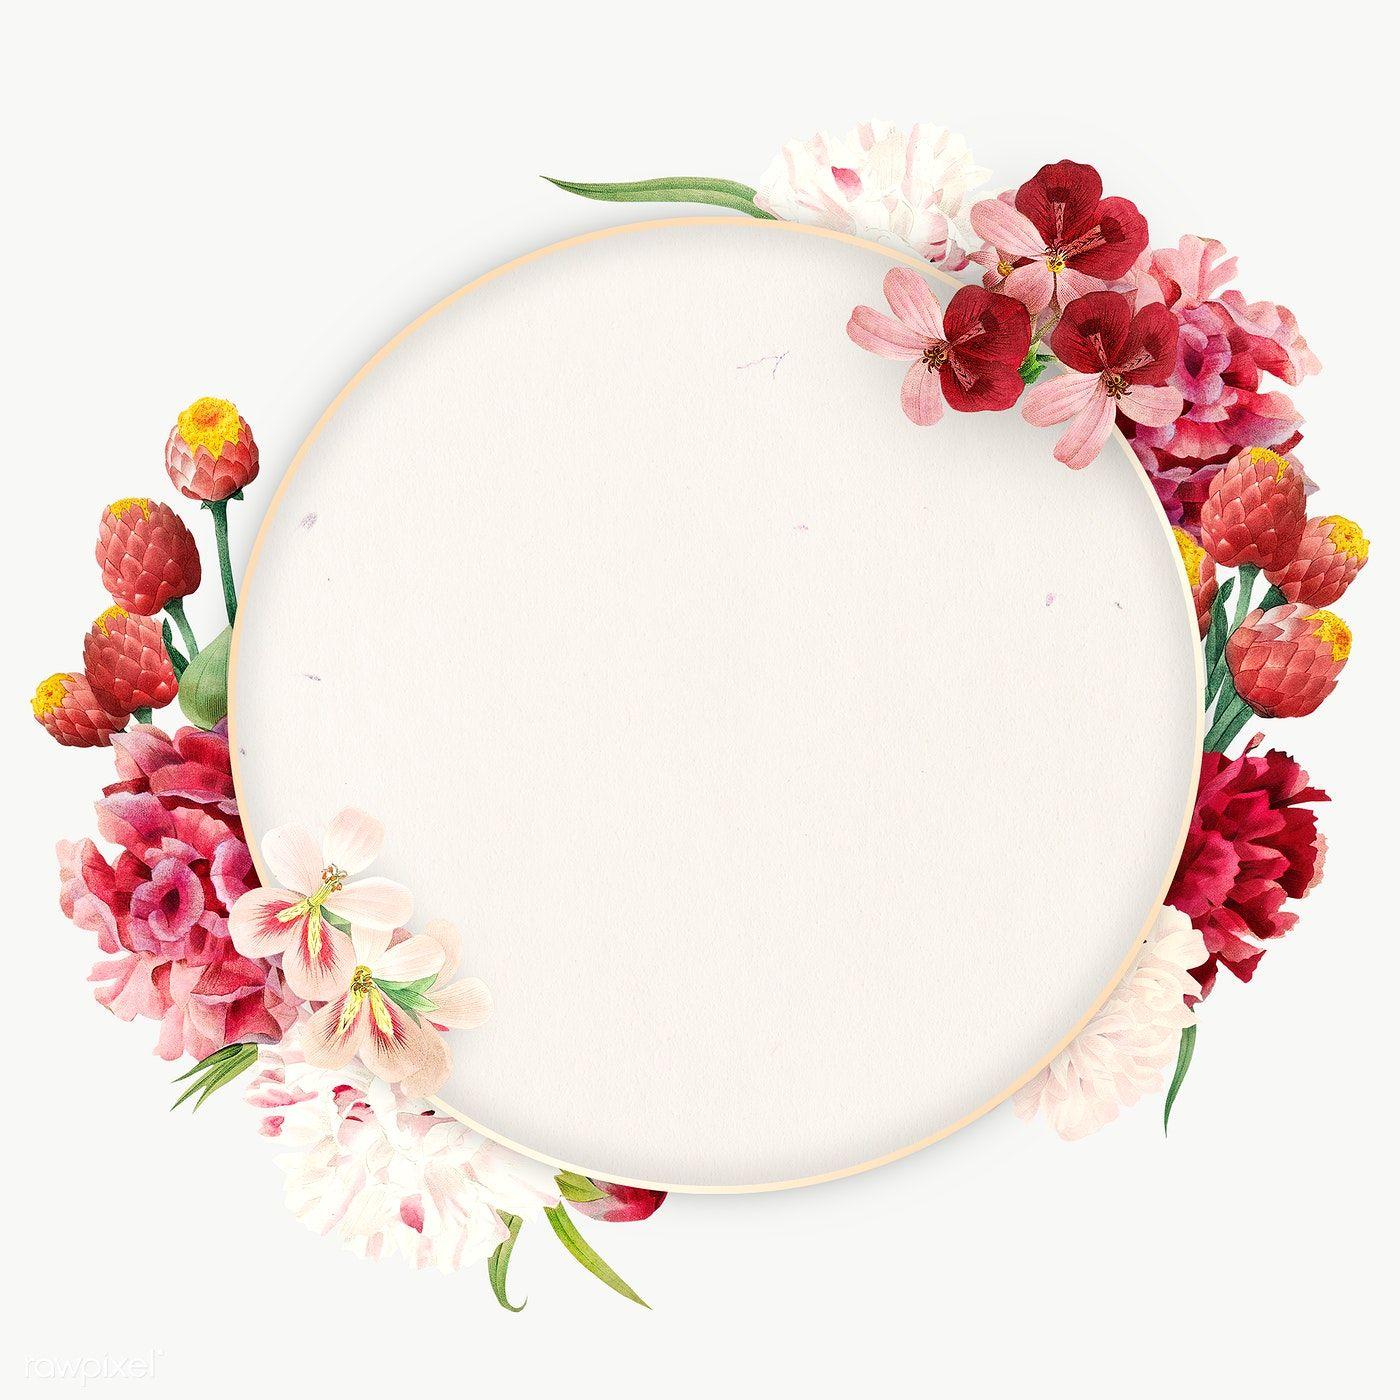 Download Premium Png Of Colorful Round Floral Frame Transparent Png 2090915 In 2020 Flower Frame Flower Illustration Flower Frame Png